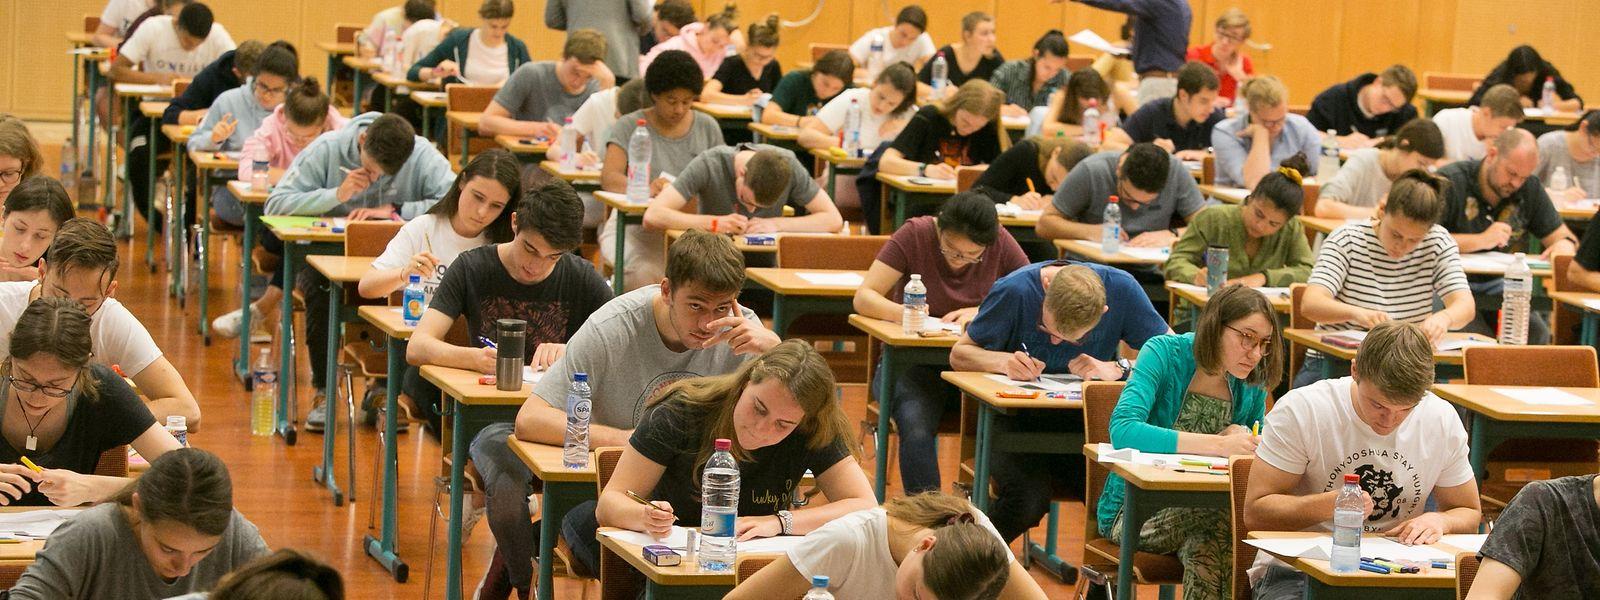 Der Festsaal im städtischen Kolléisch ist gut gefüllt: Bis auf wenige Schüler des Abendkurses (eBac) hat niemand den Auftakt der Abschlussexamen verpasst.